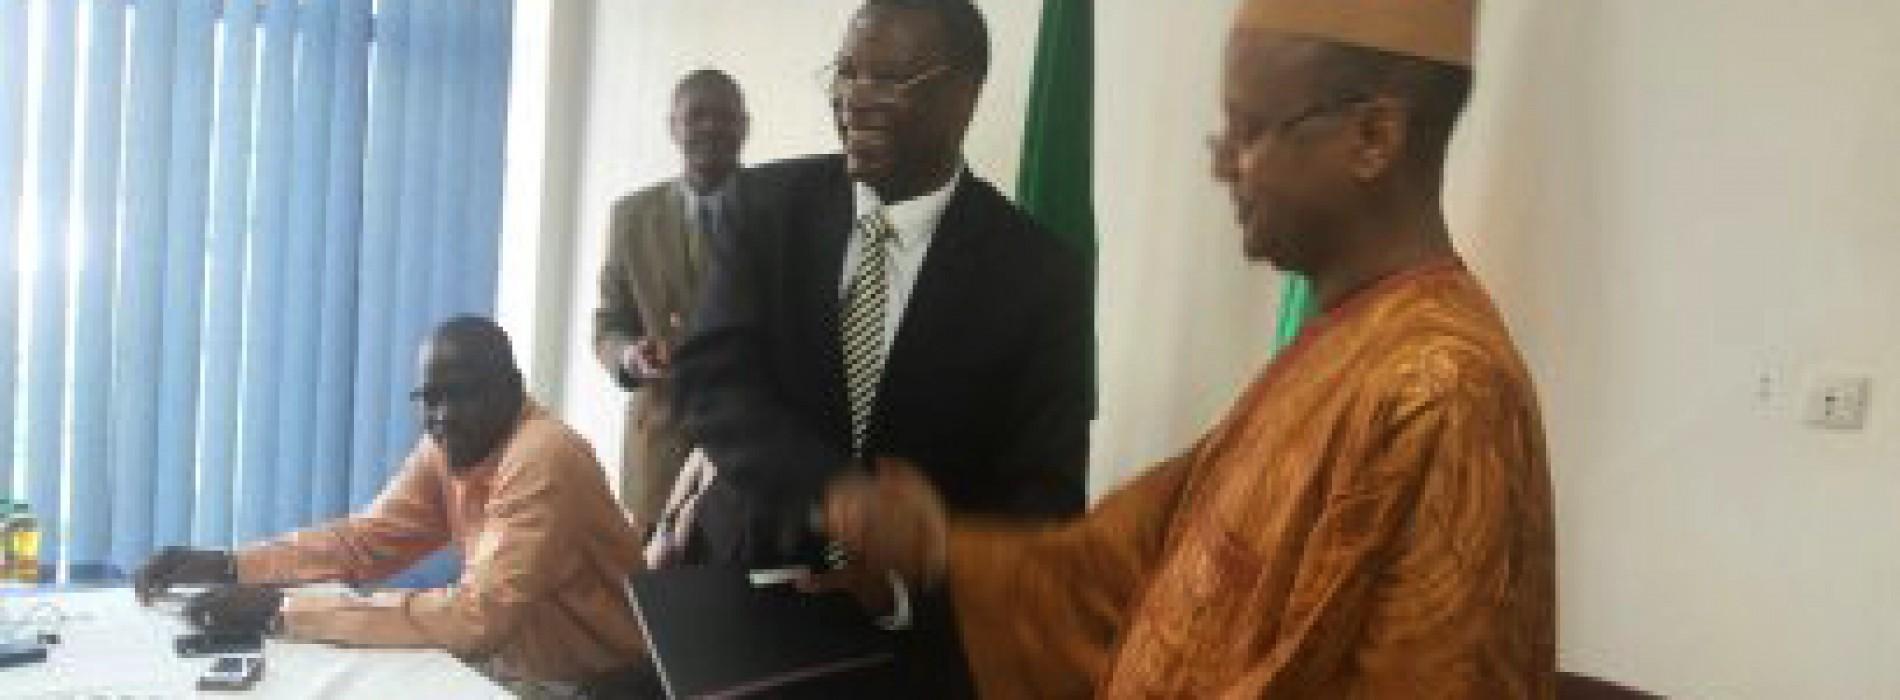 La mission de l'Union Africaine pour le Mali et le Sahel signe un accord de coopération avec la Croix-Rouge malienne